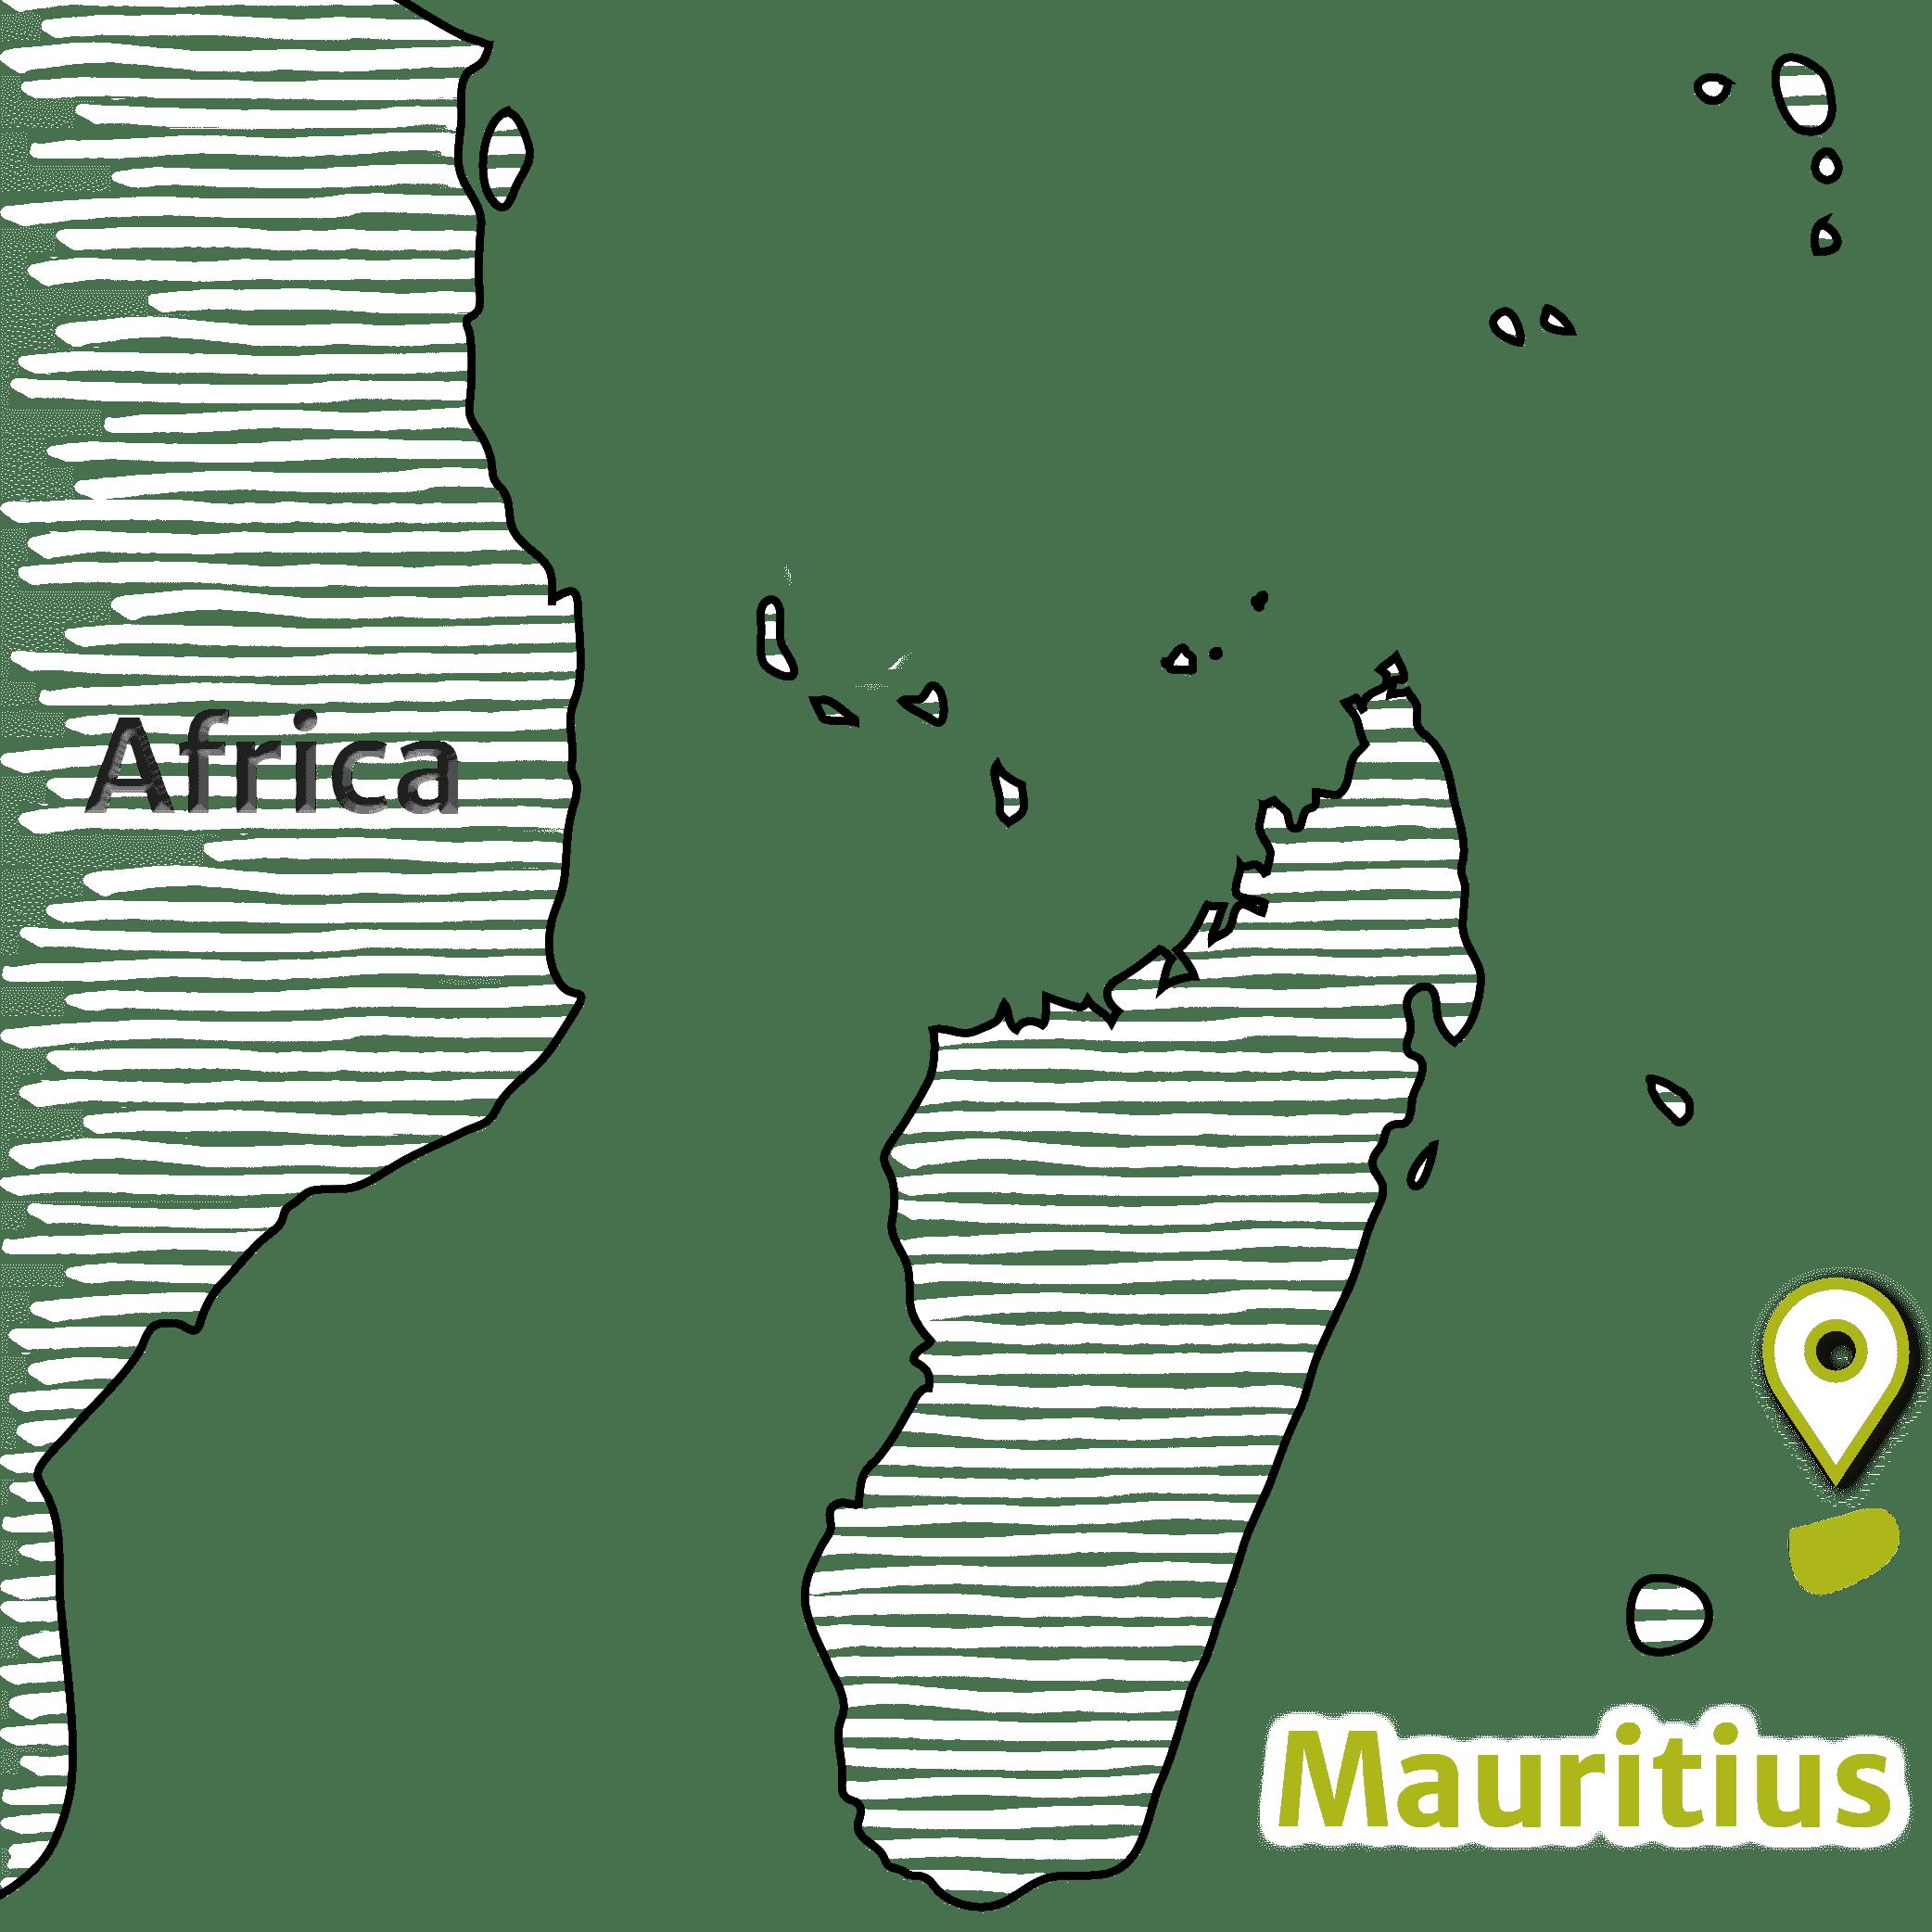 AFRICA-MAURITIUS